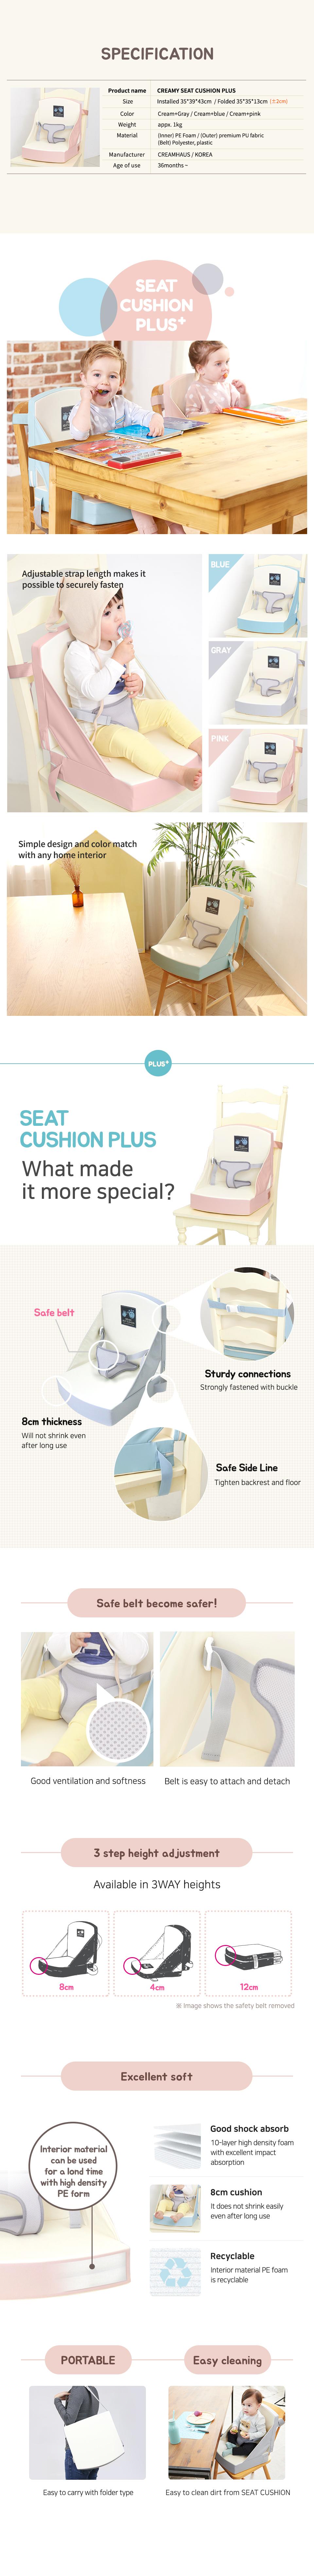 seatplus2-2.jpg